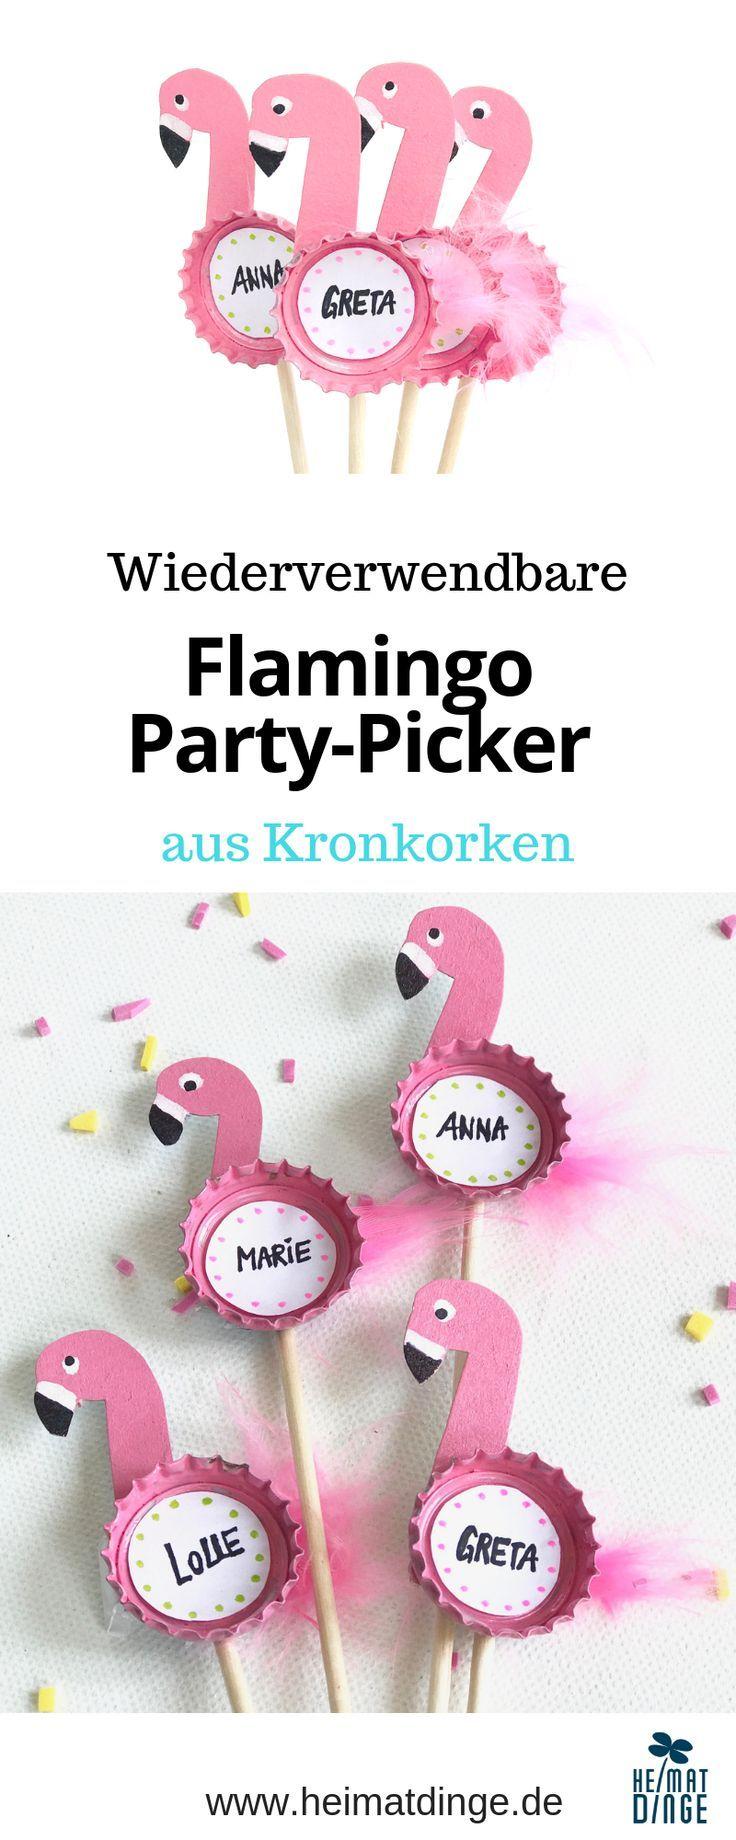 Machen Sie selbst nachhaltige Partydekoration: wiederverwendbarer Flamingo-Party-Picker aus Flaschenverschlüssen